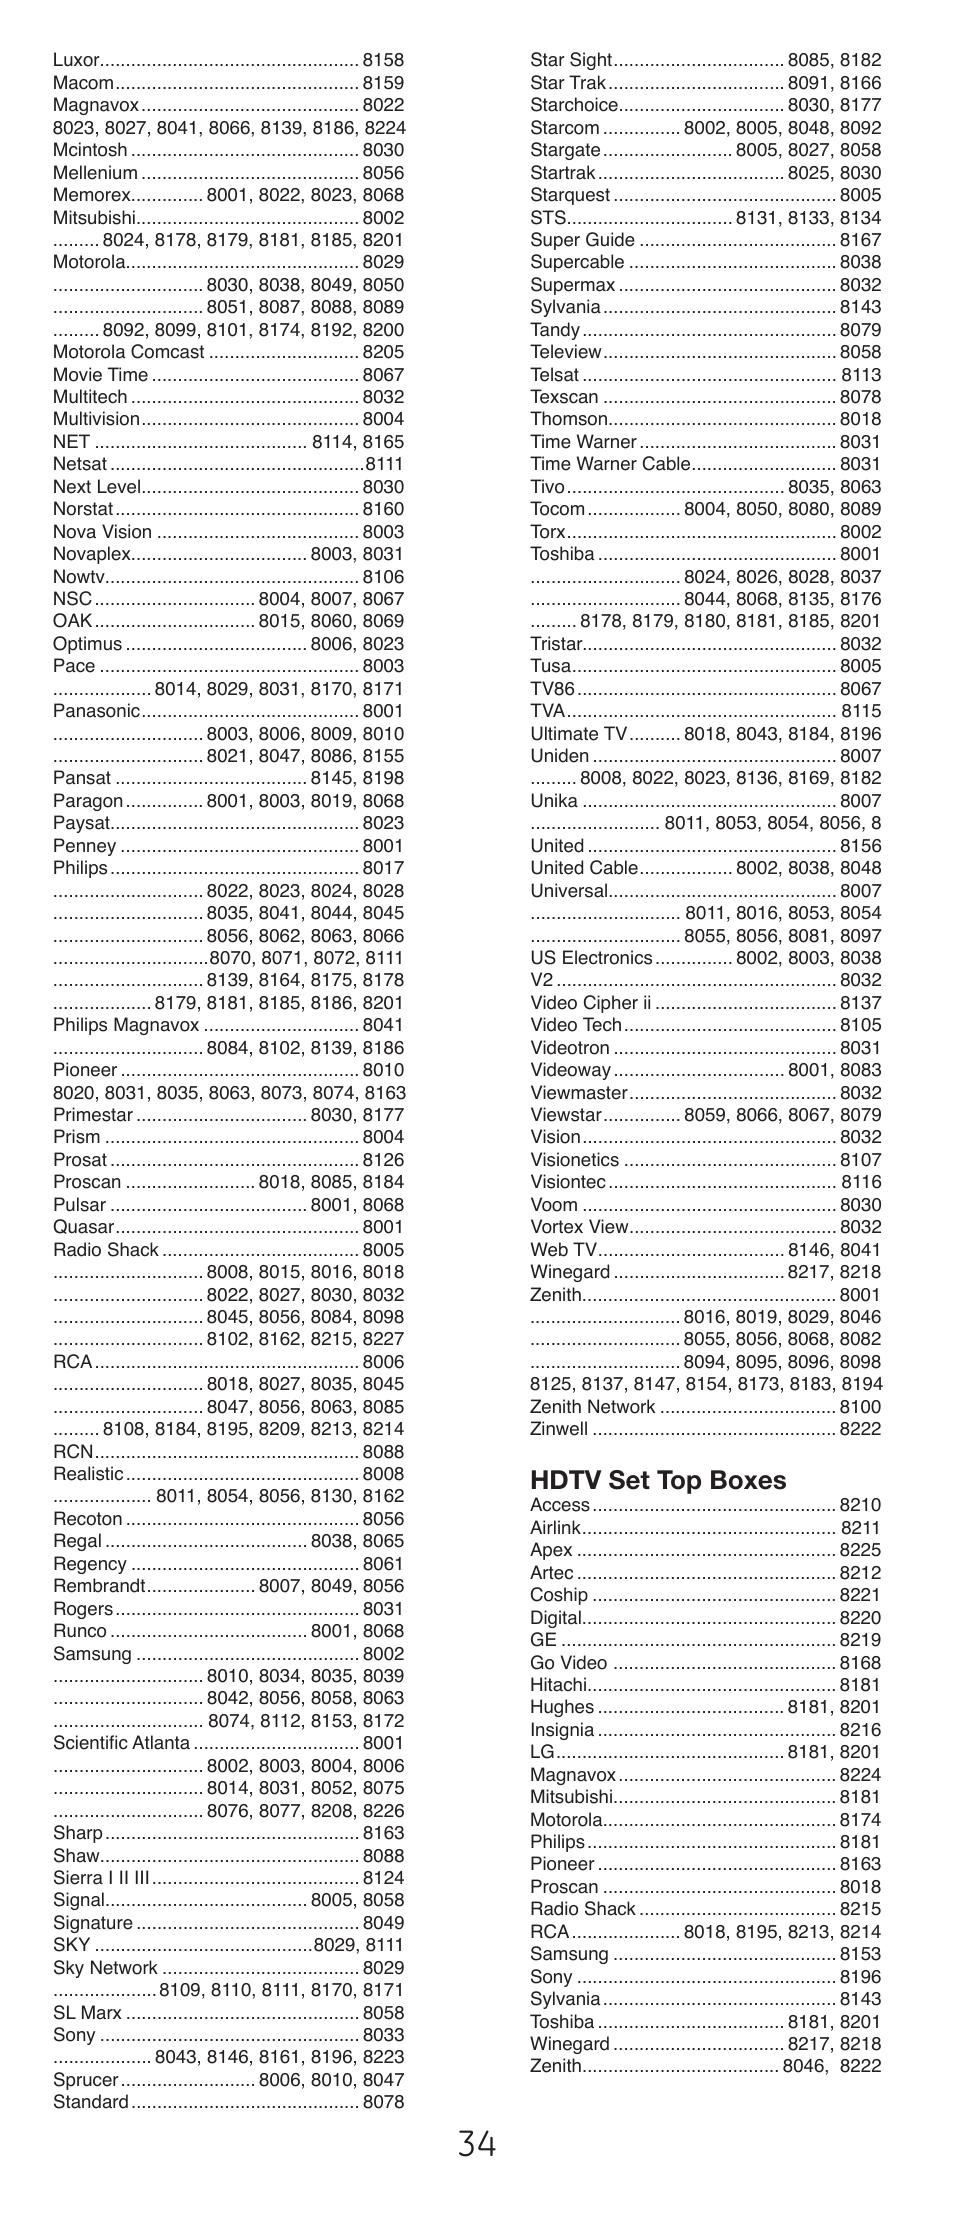 Hdtv set top boxes  GE 24927v2 GE Universal Remote User